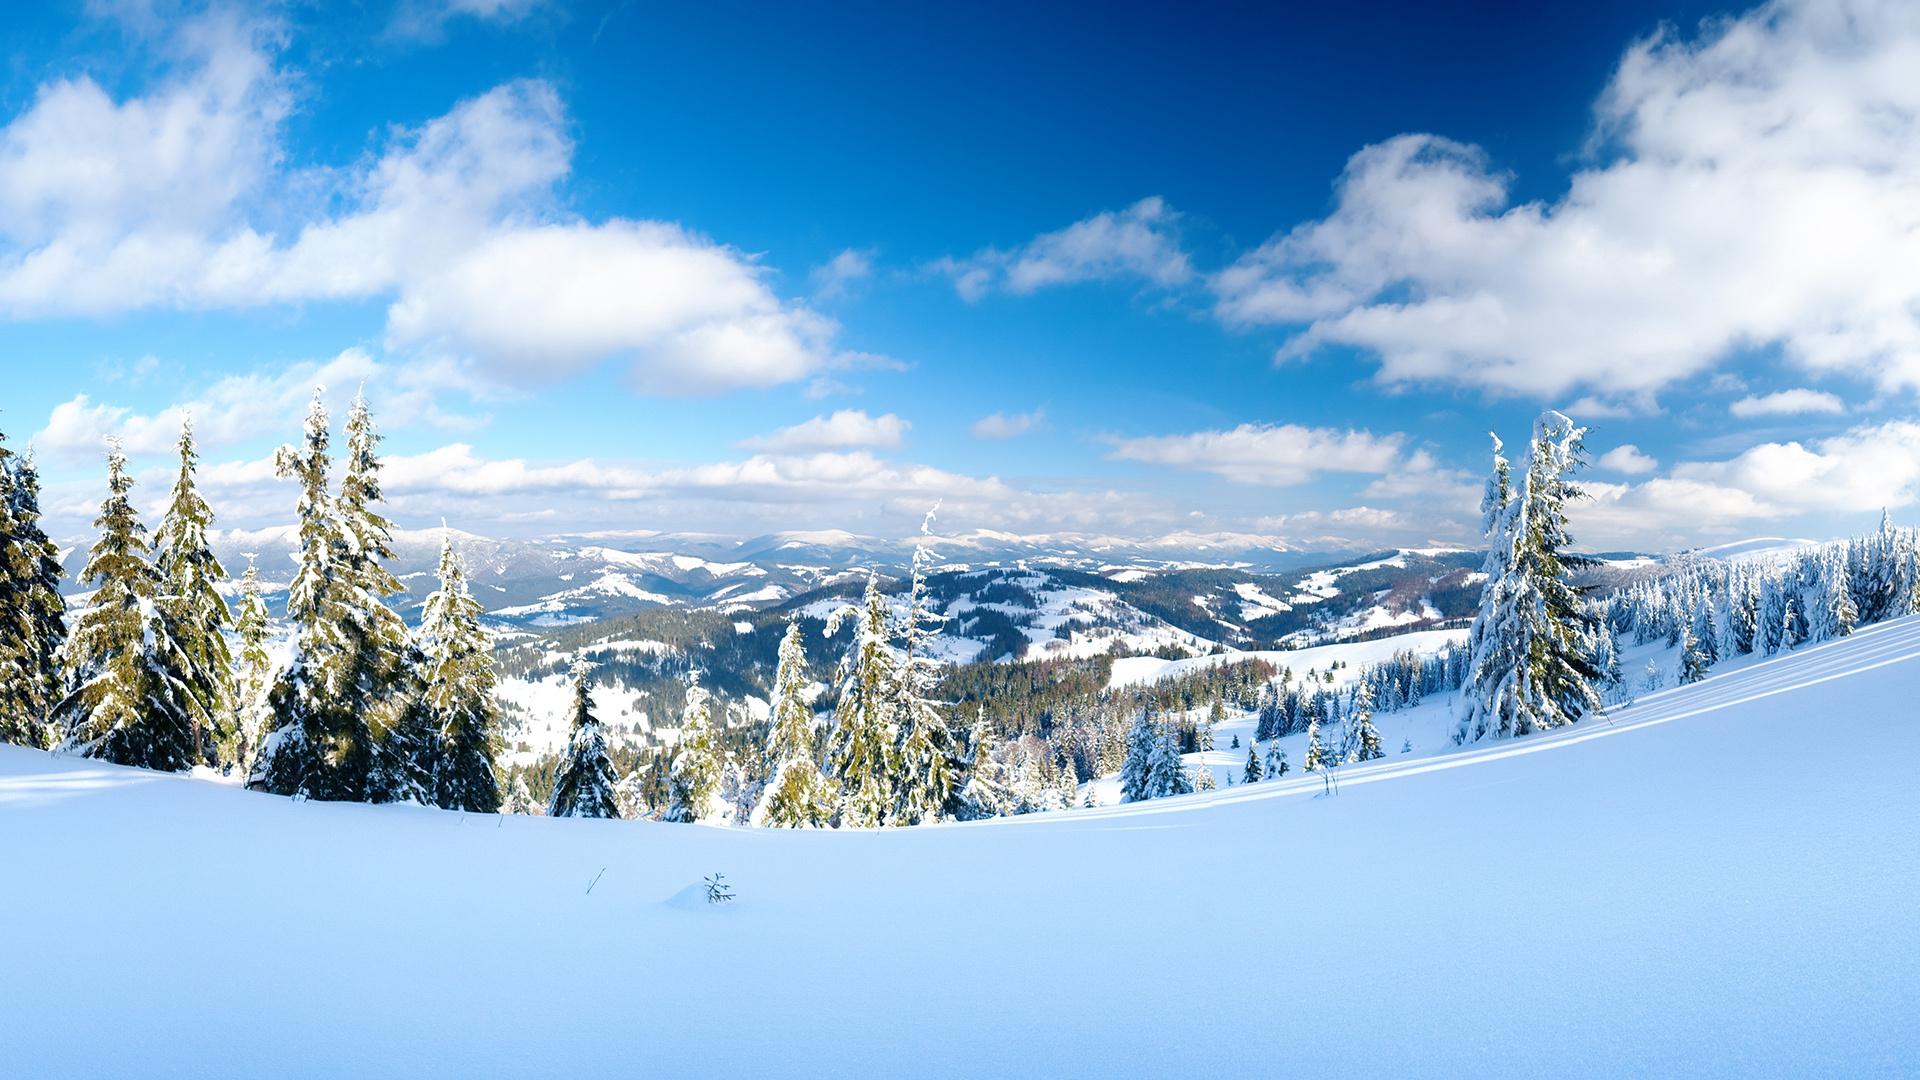 зима снег если солнце горы бесплатно